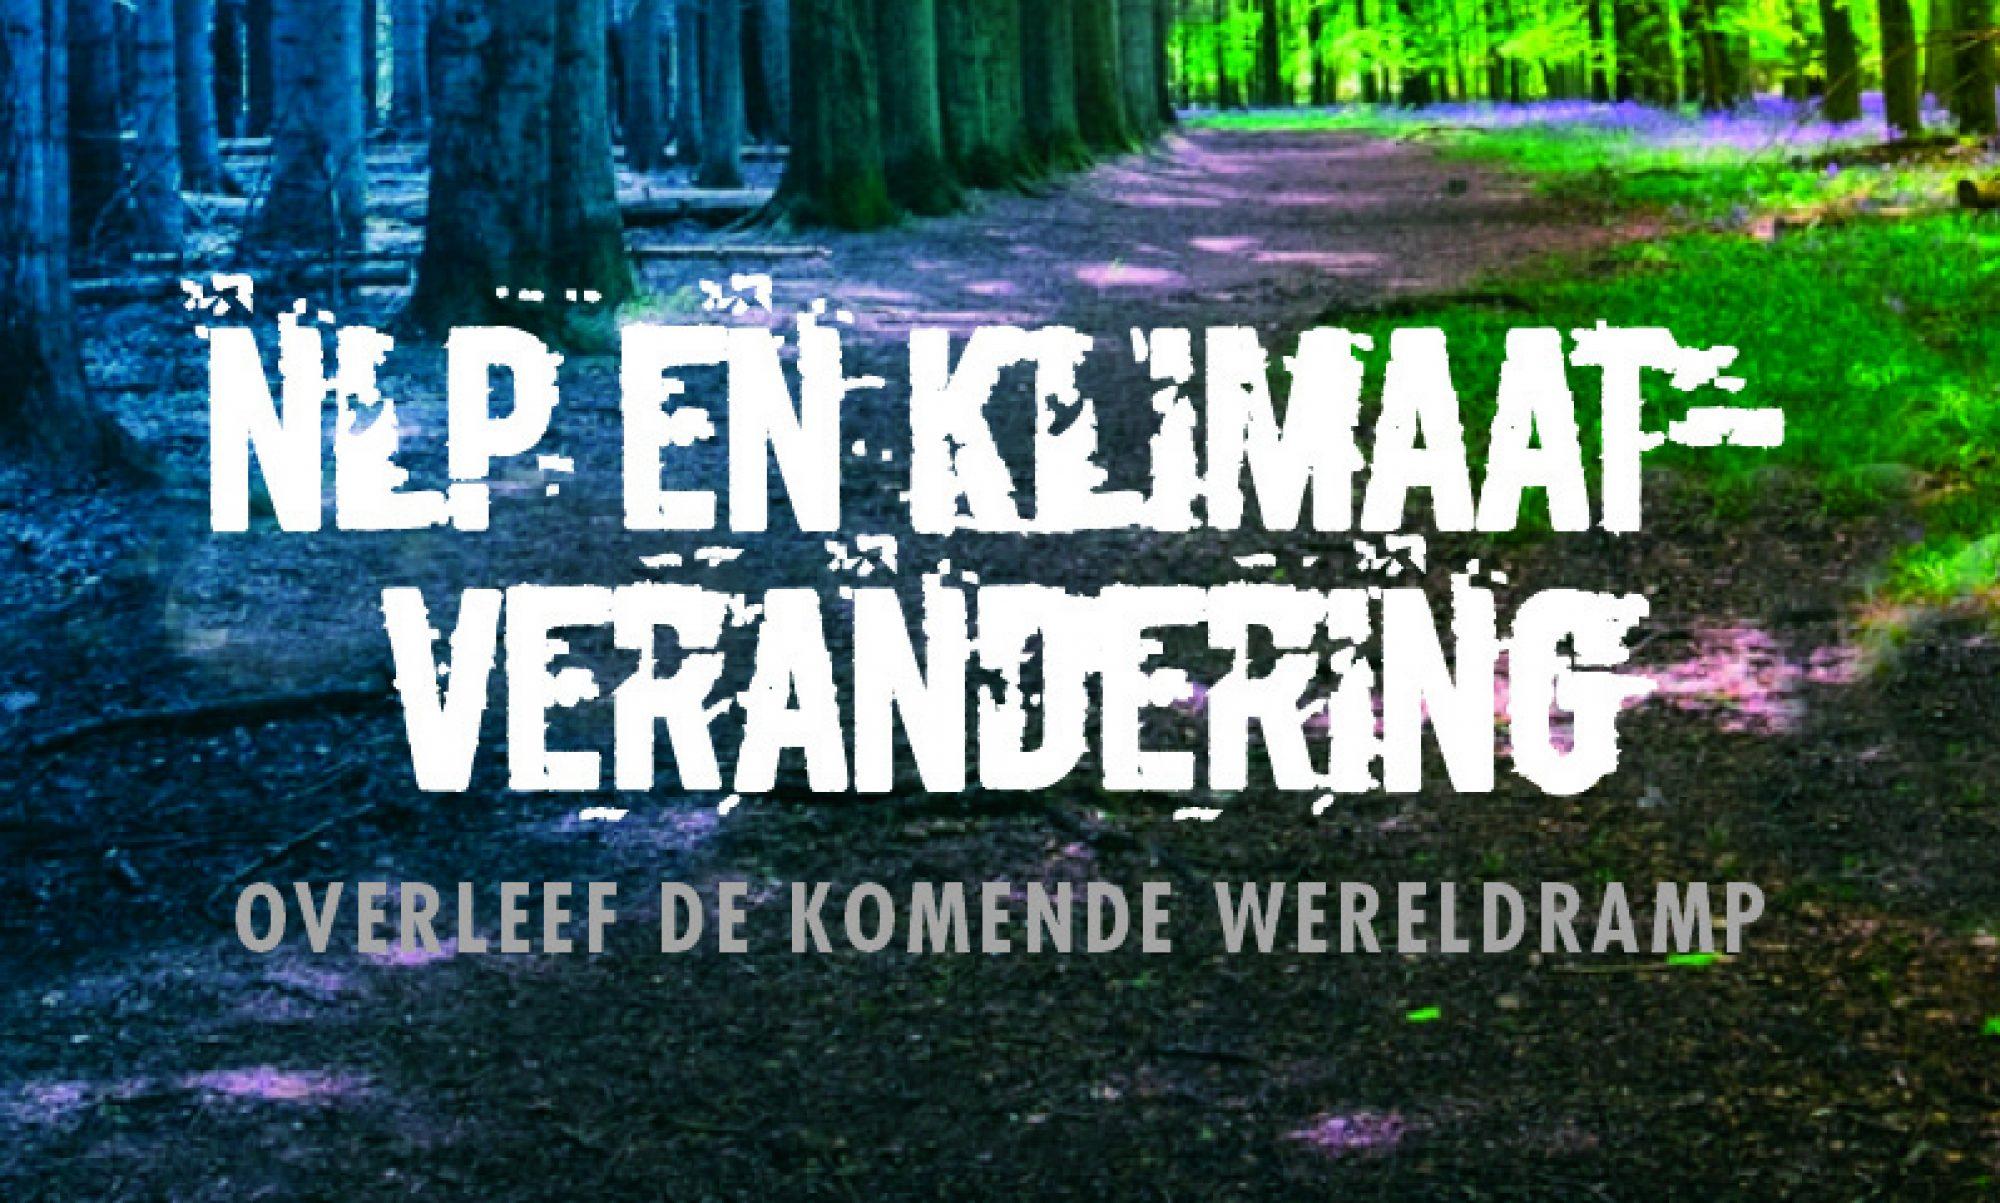 NLP & Klimaatverandering